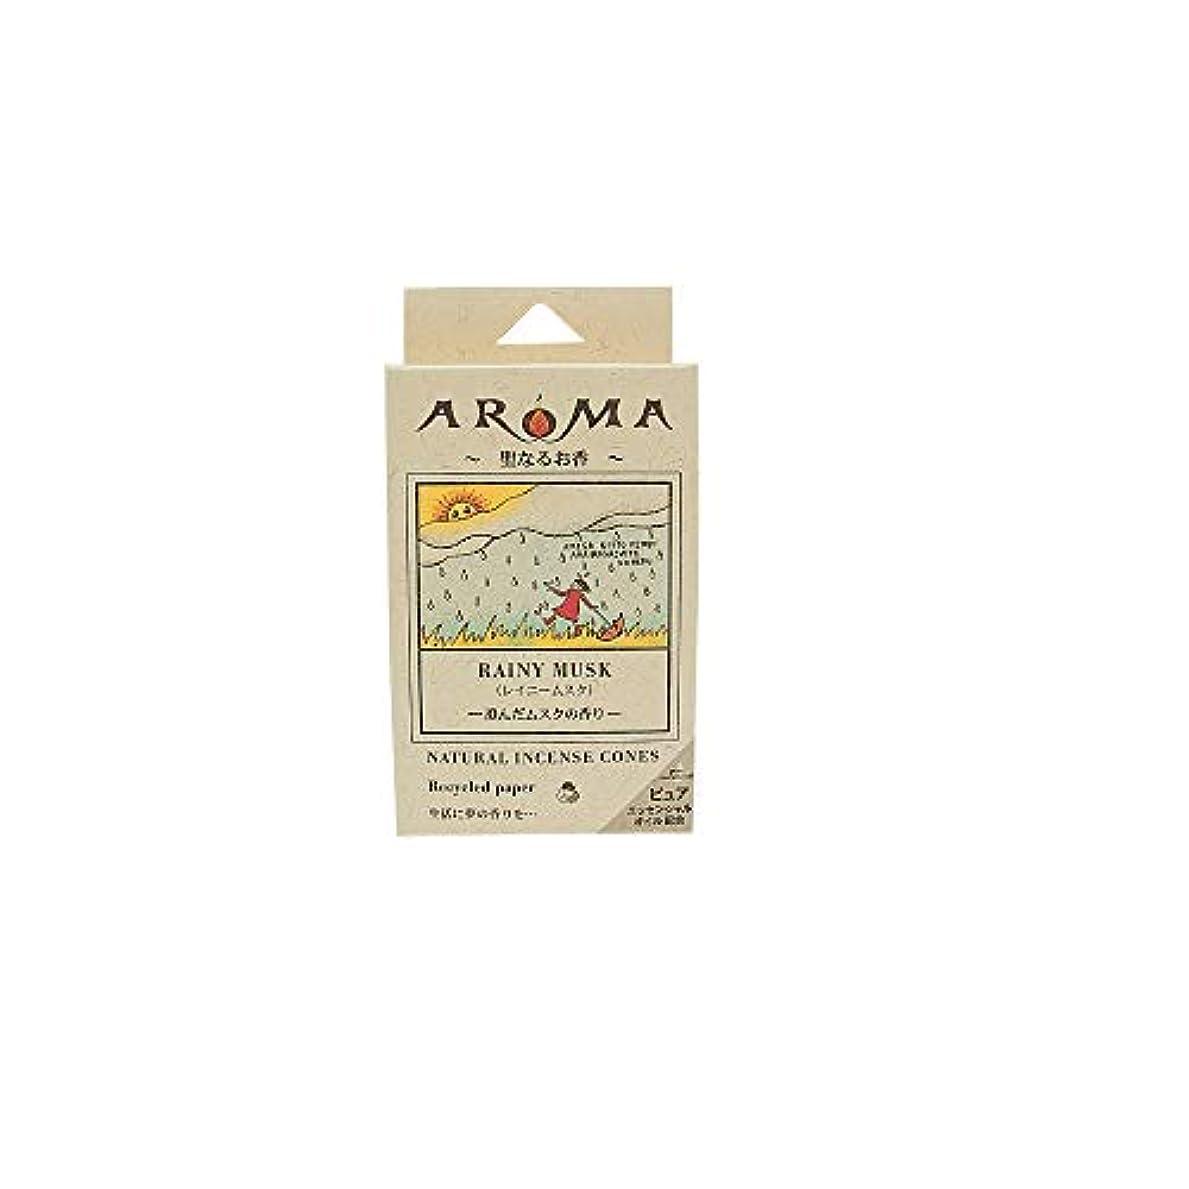 冒険家心配する汚物アロマ香 レイニームスク 16粒(コーンタイプインセンス 1粒の燃焼時間約20分 澄んだムスクの香り)